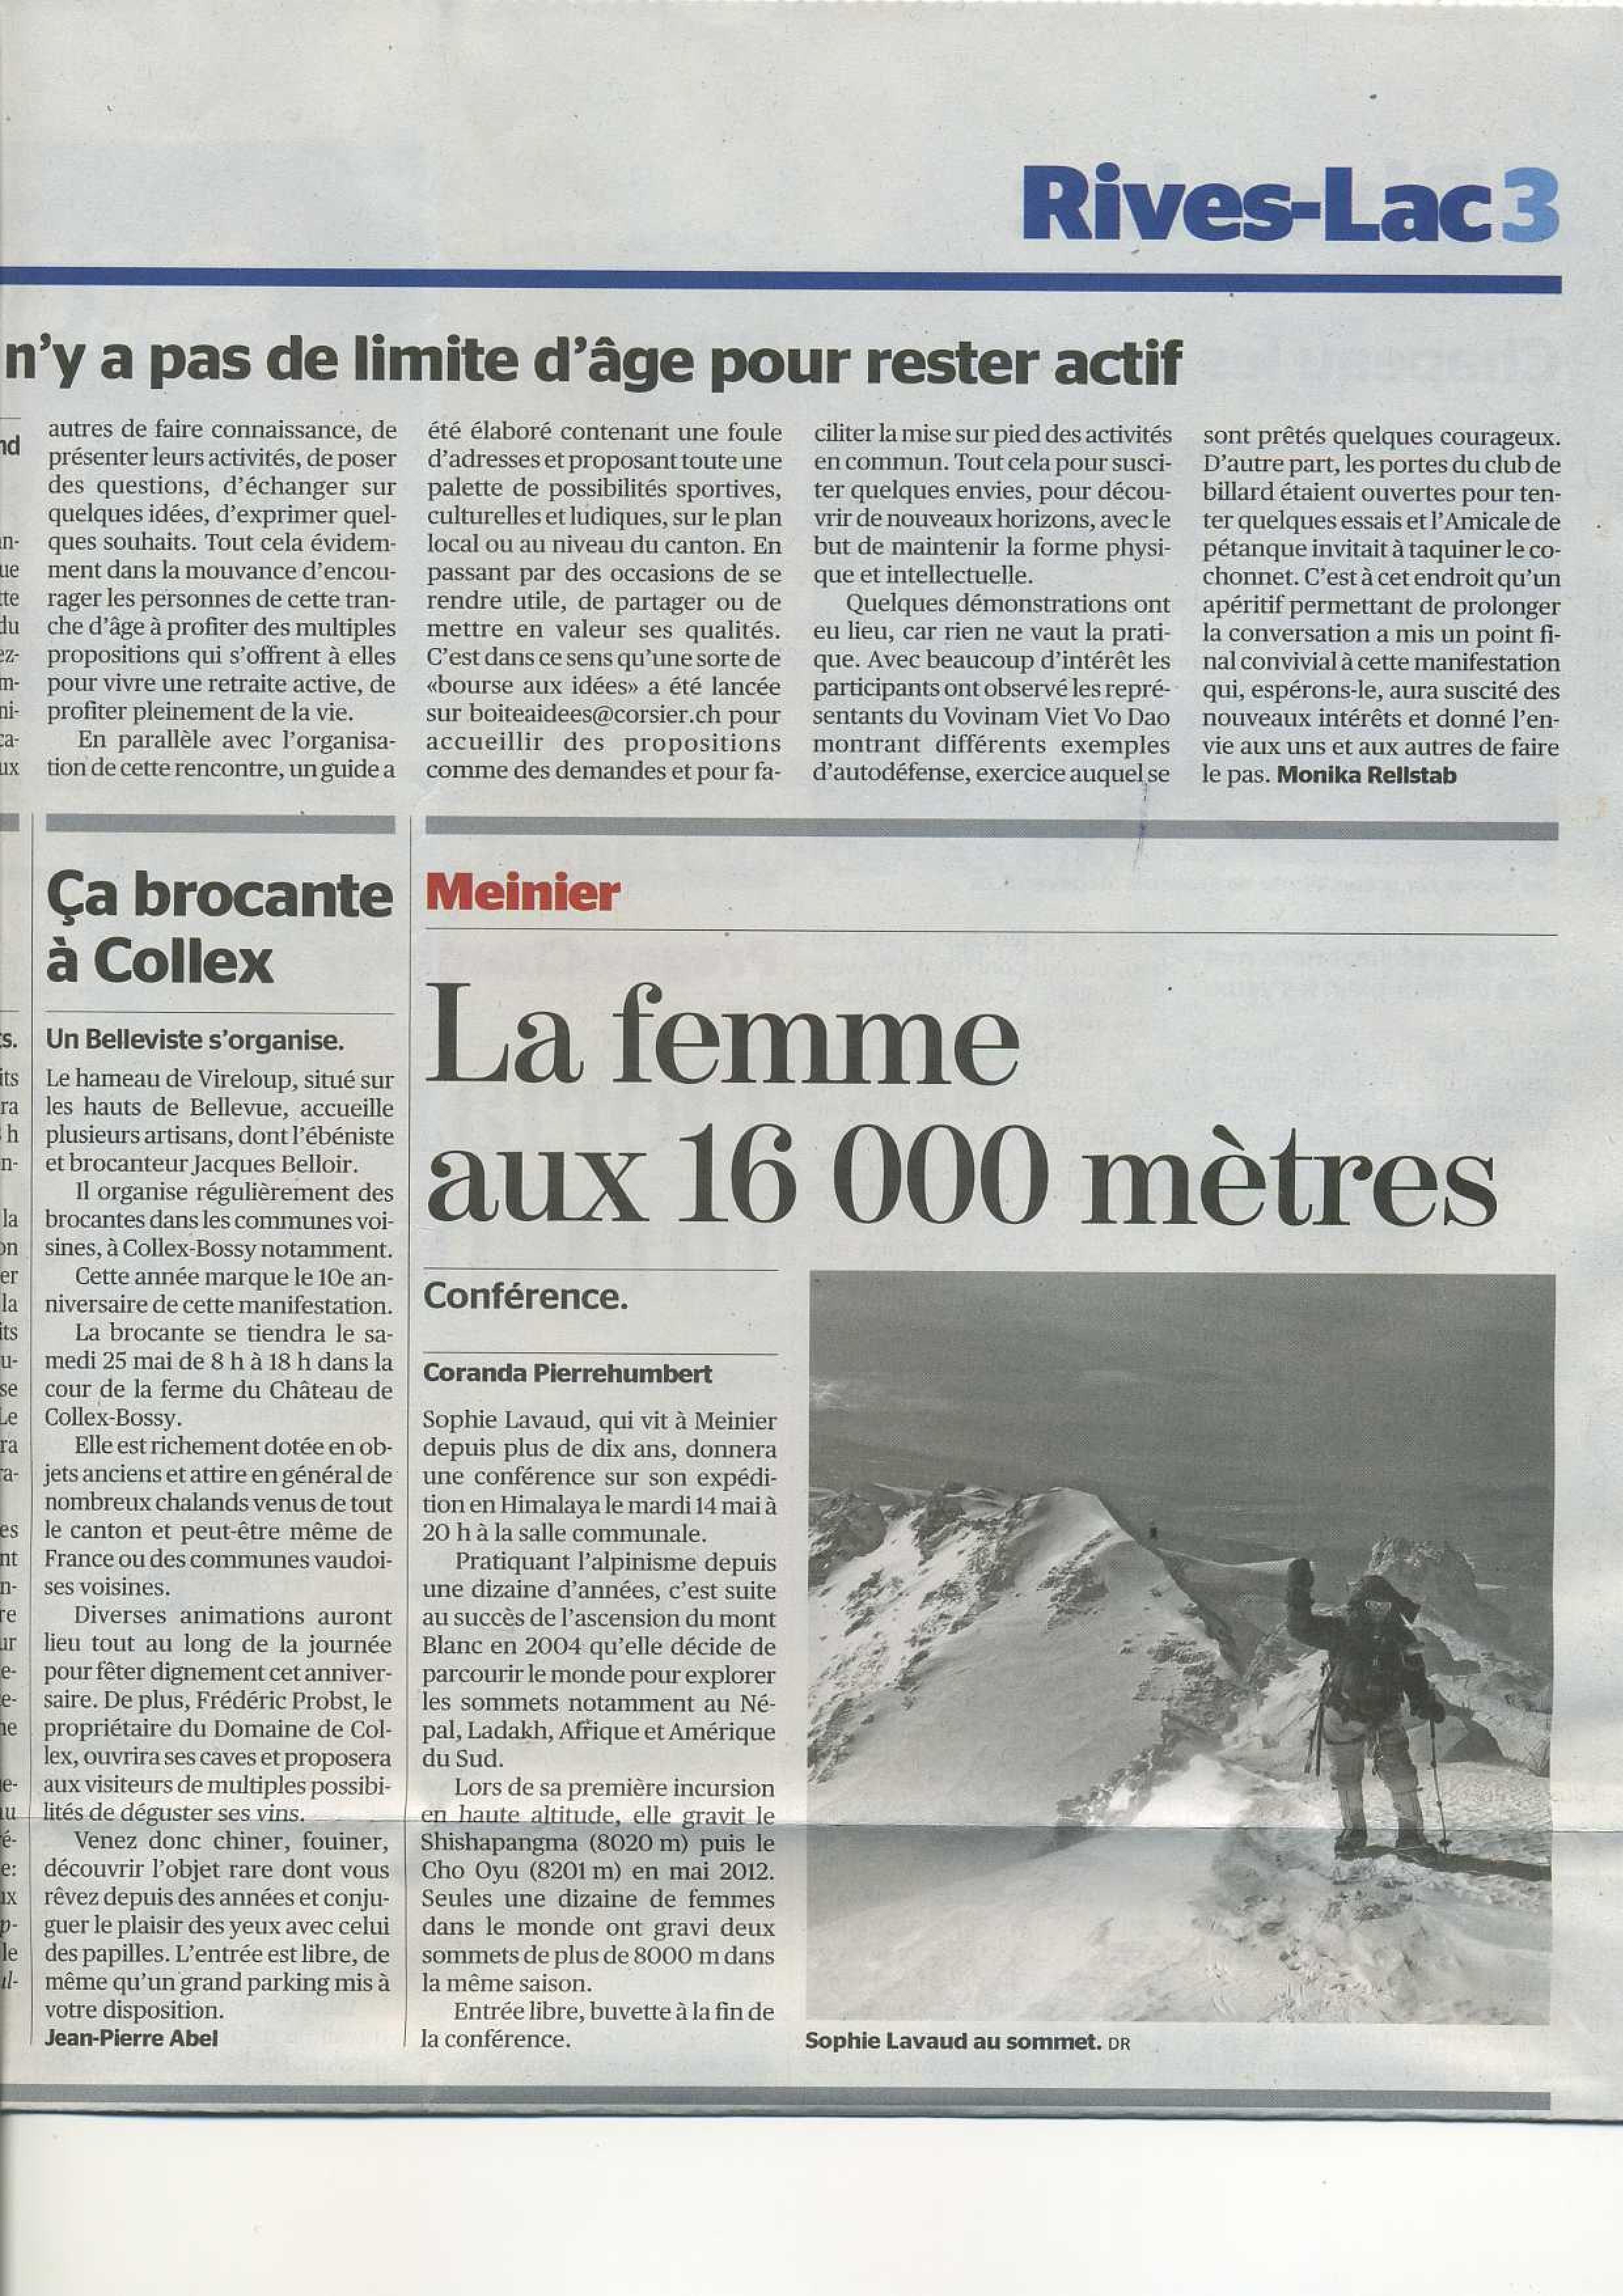 Tribune de Genève - Rives-Lac 13mai13